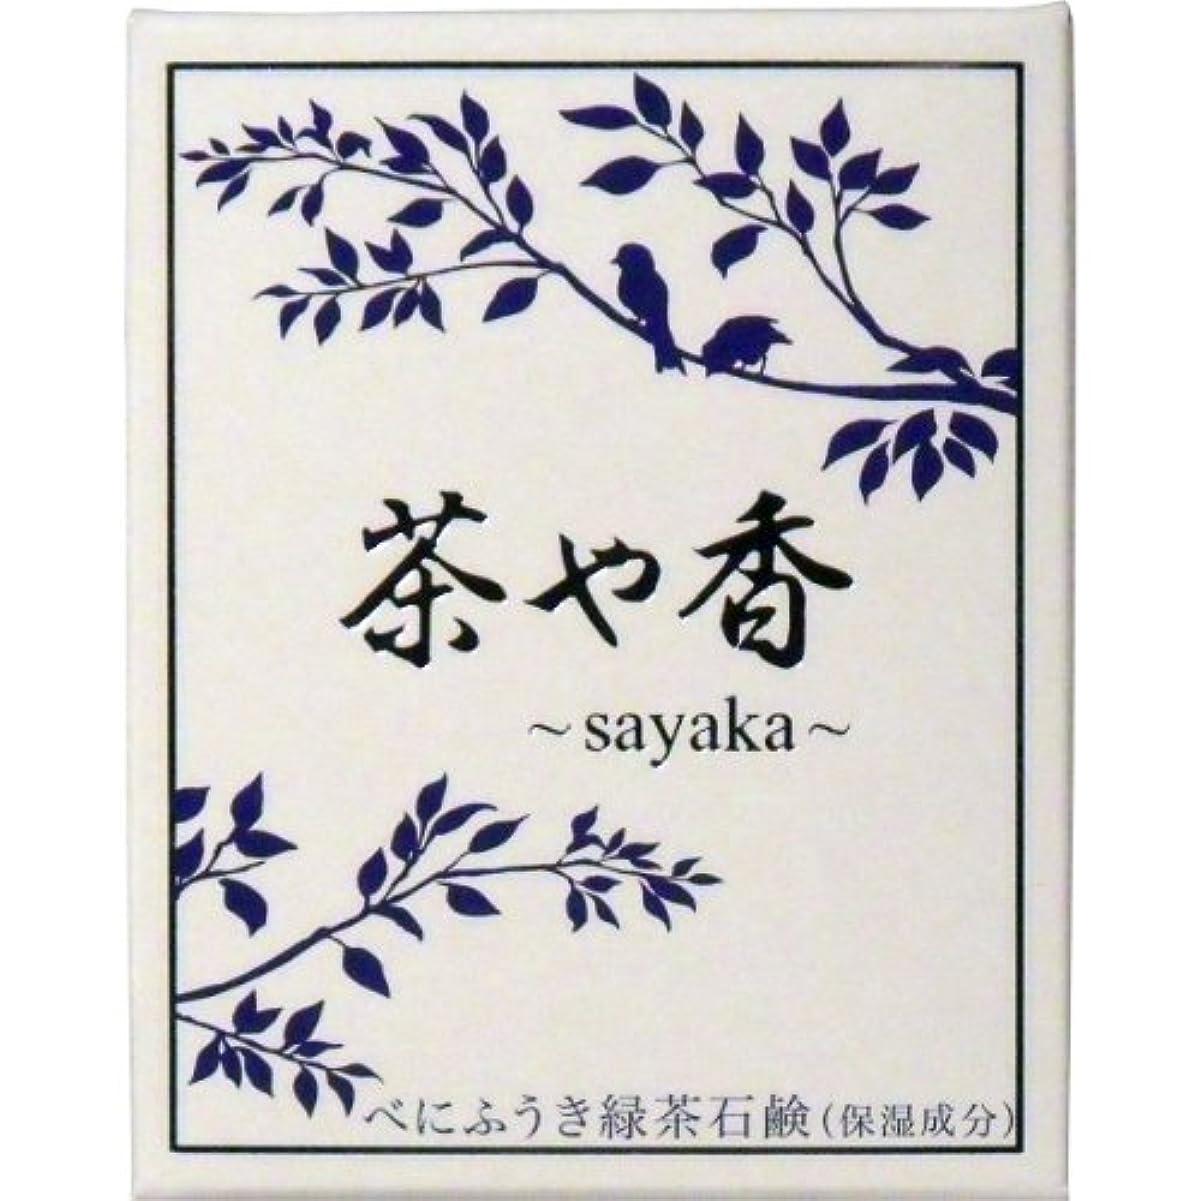 生き物月曜日植物の茶や香 -sayaka- べにふうき緑茶石鹸 100g入 ×8個セット